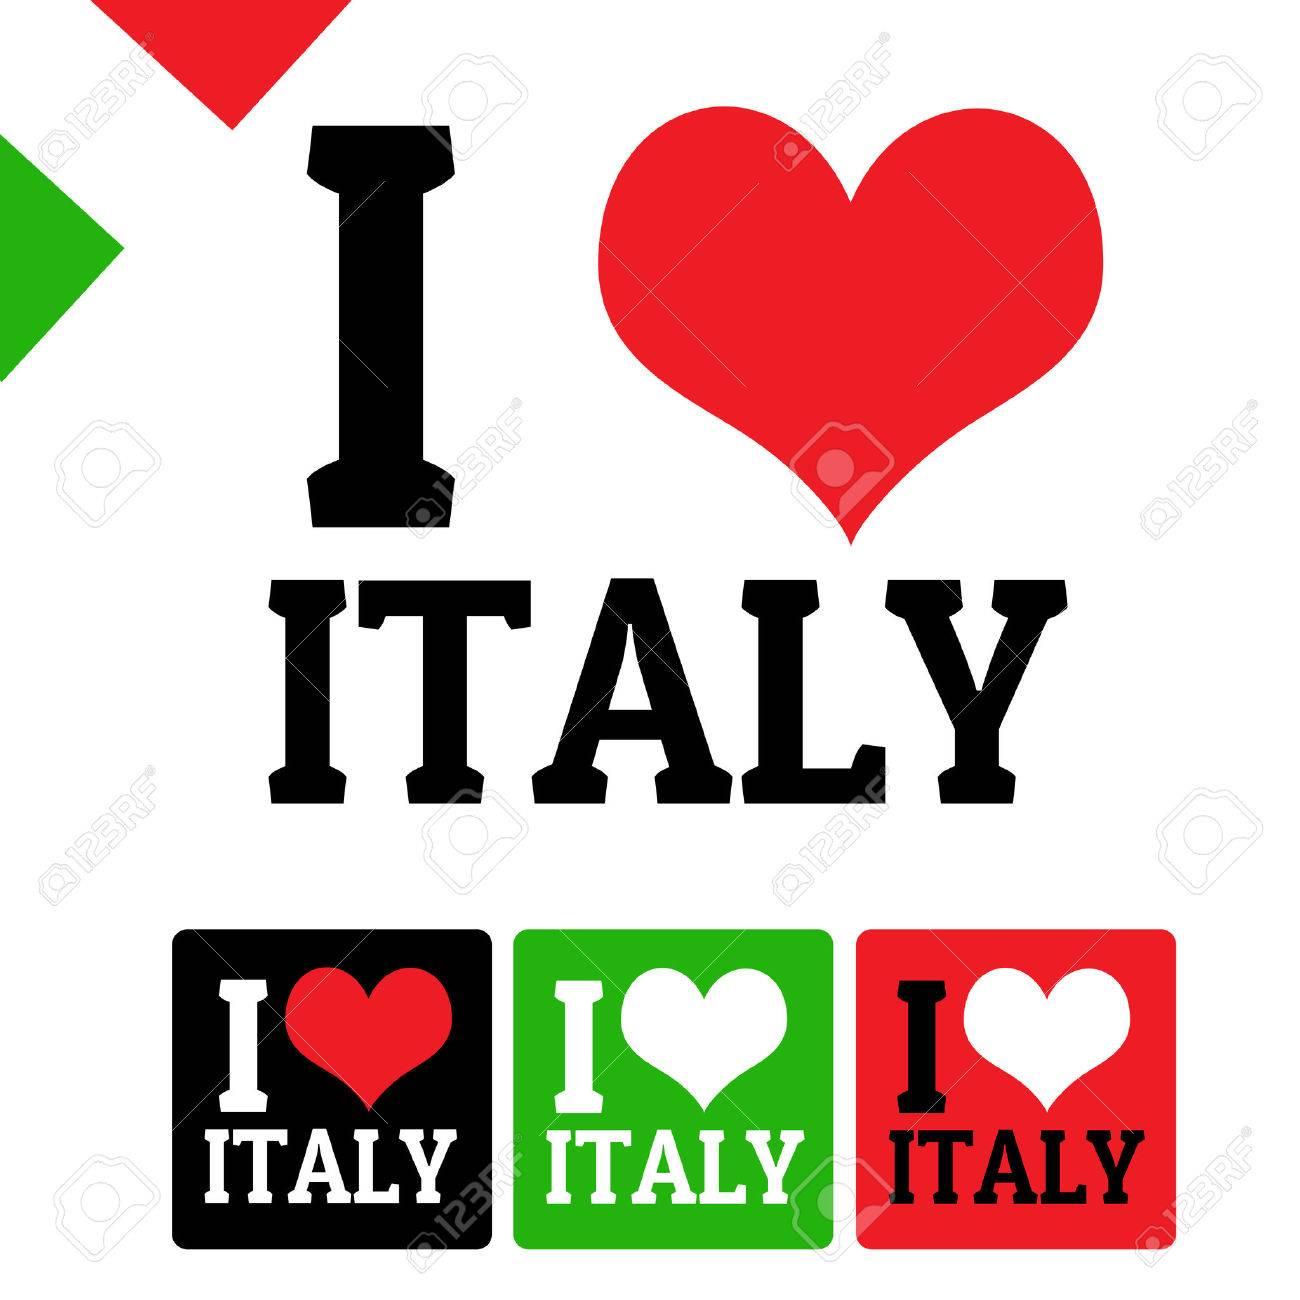 Italy Cliparts